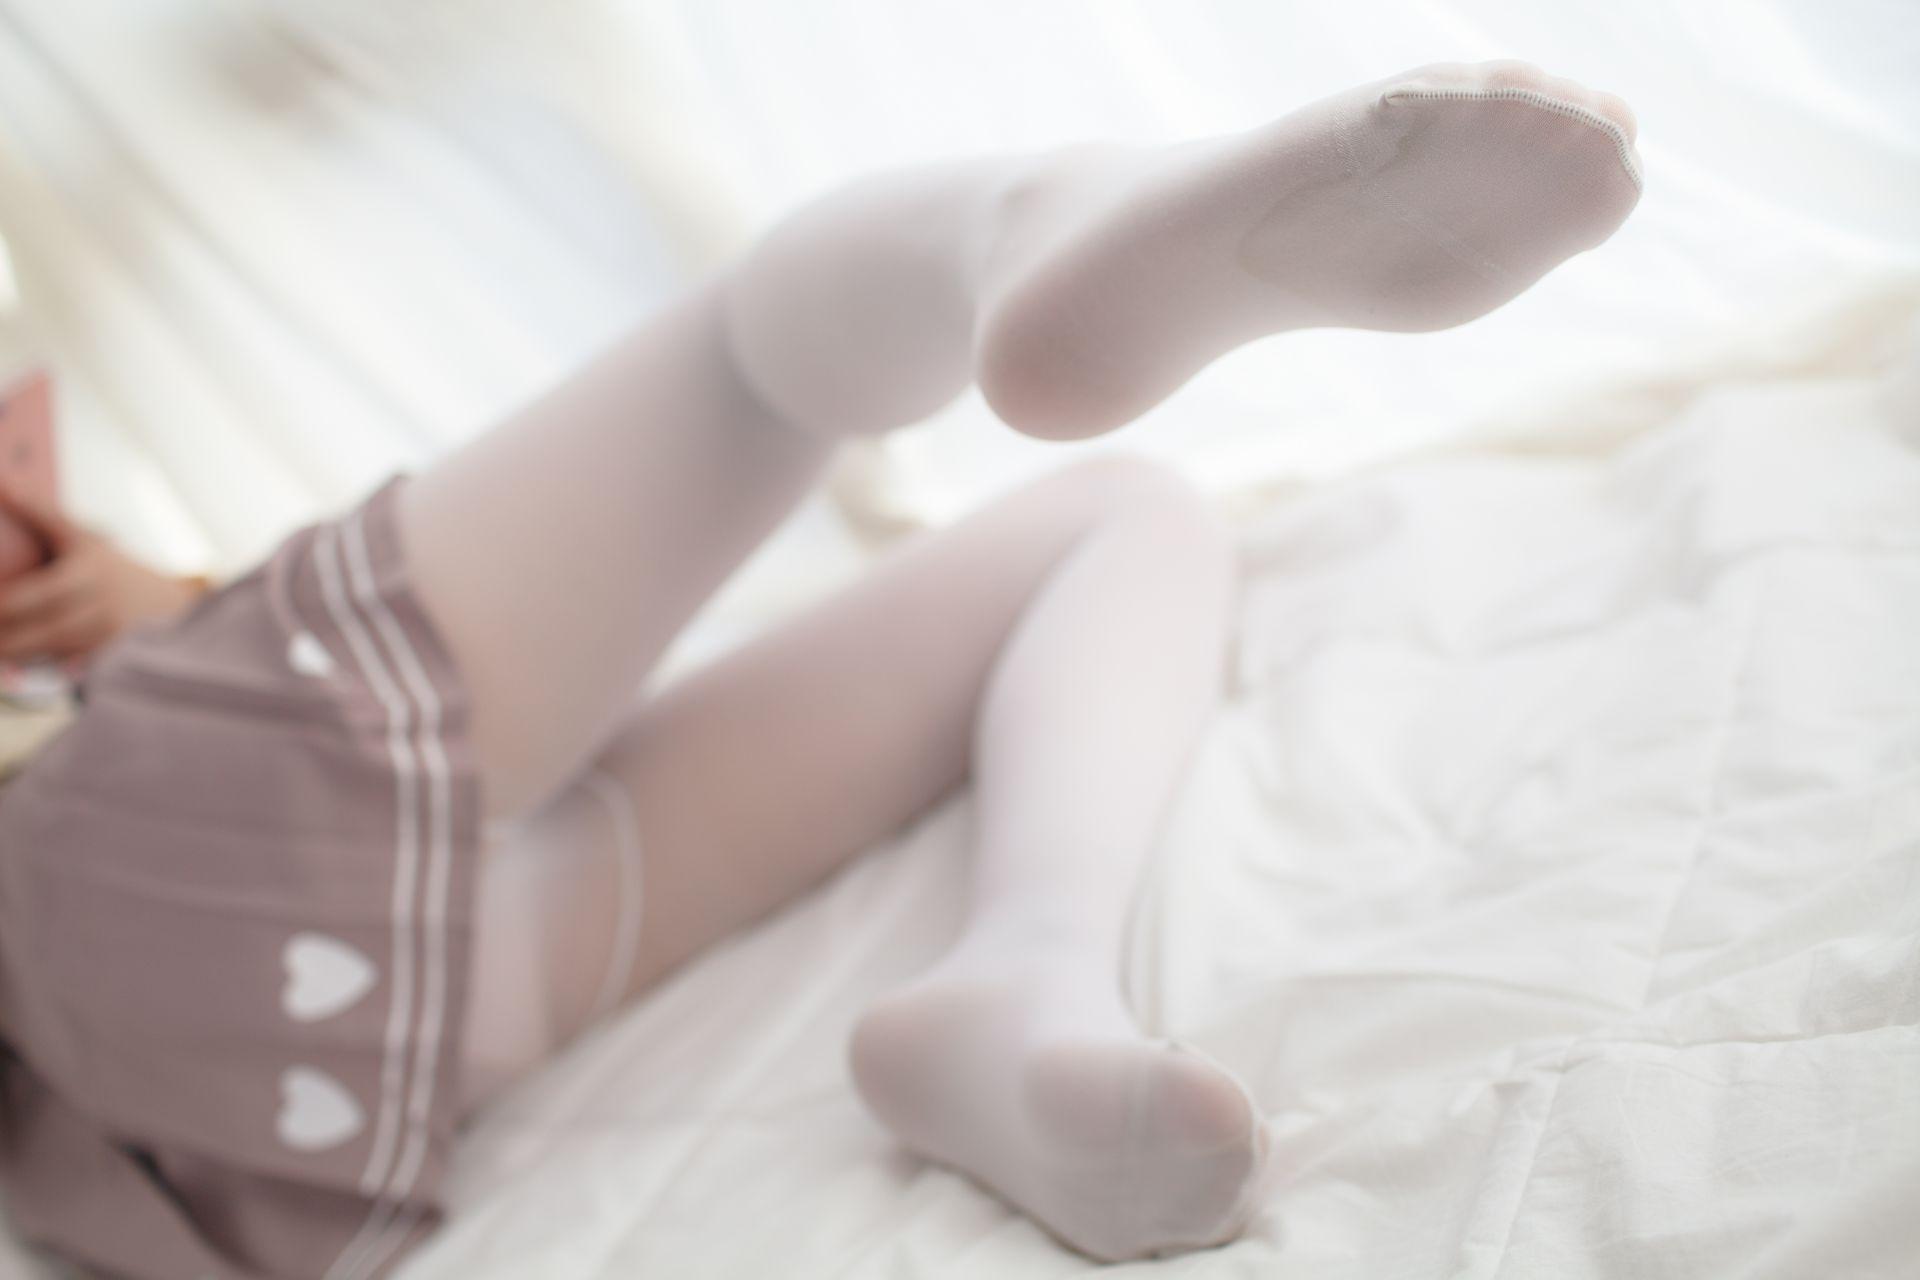 少女秩序 VOL.012 少女的丝足特写 兔玩映画 第35张